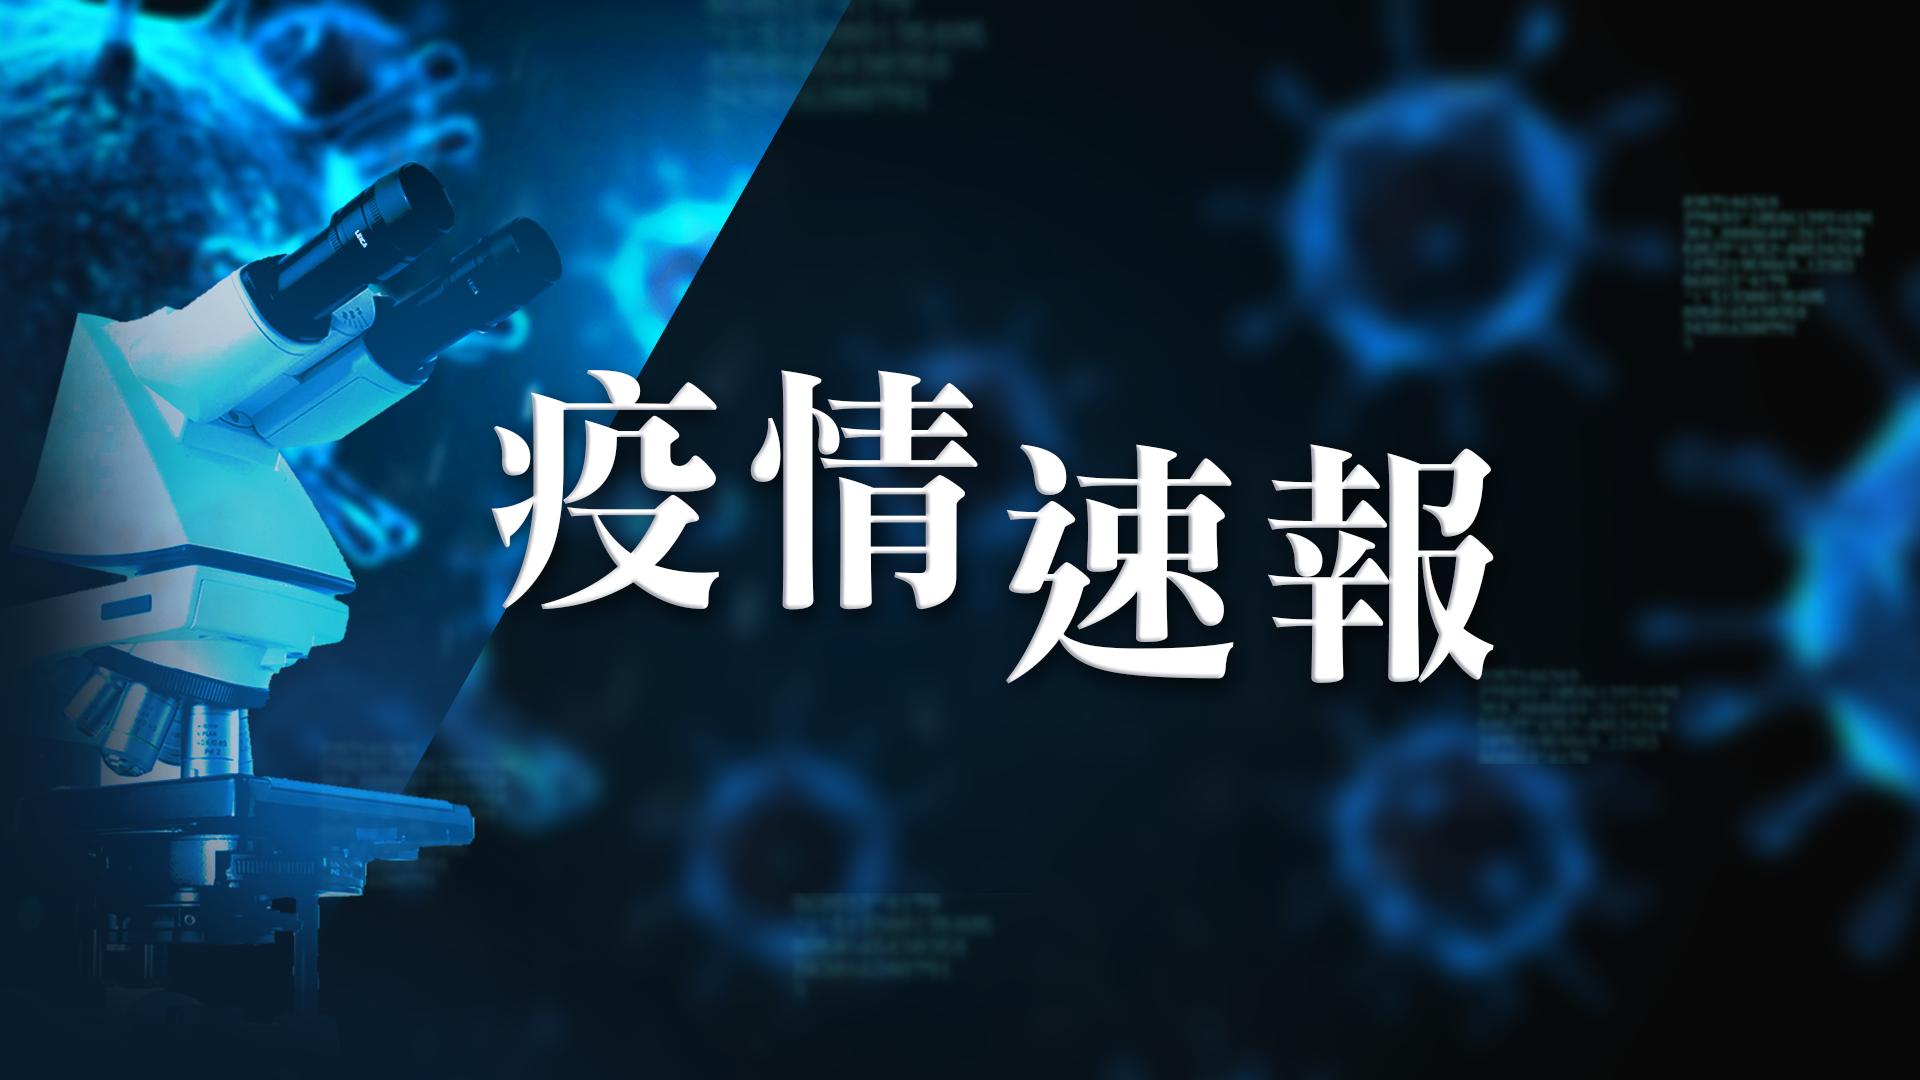 【7月29日疫情速報】(23:30)